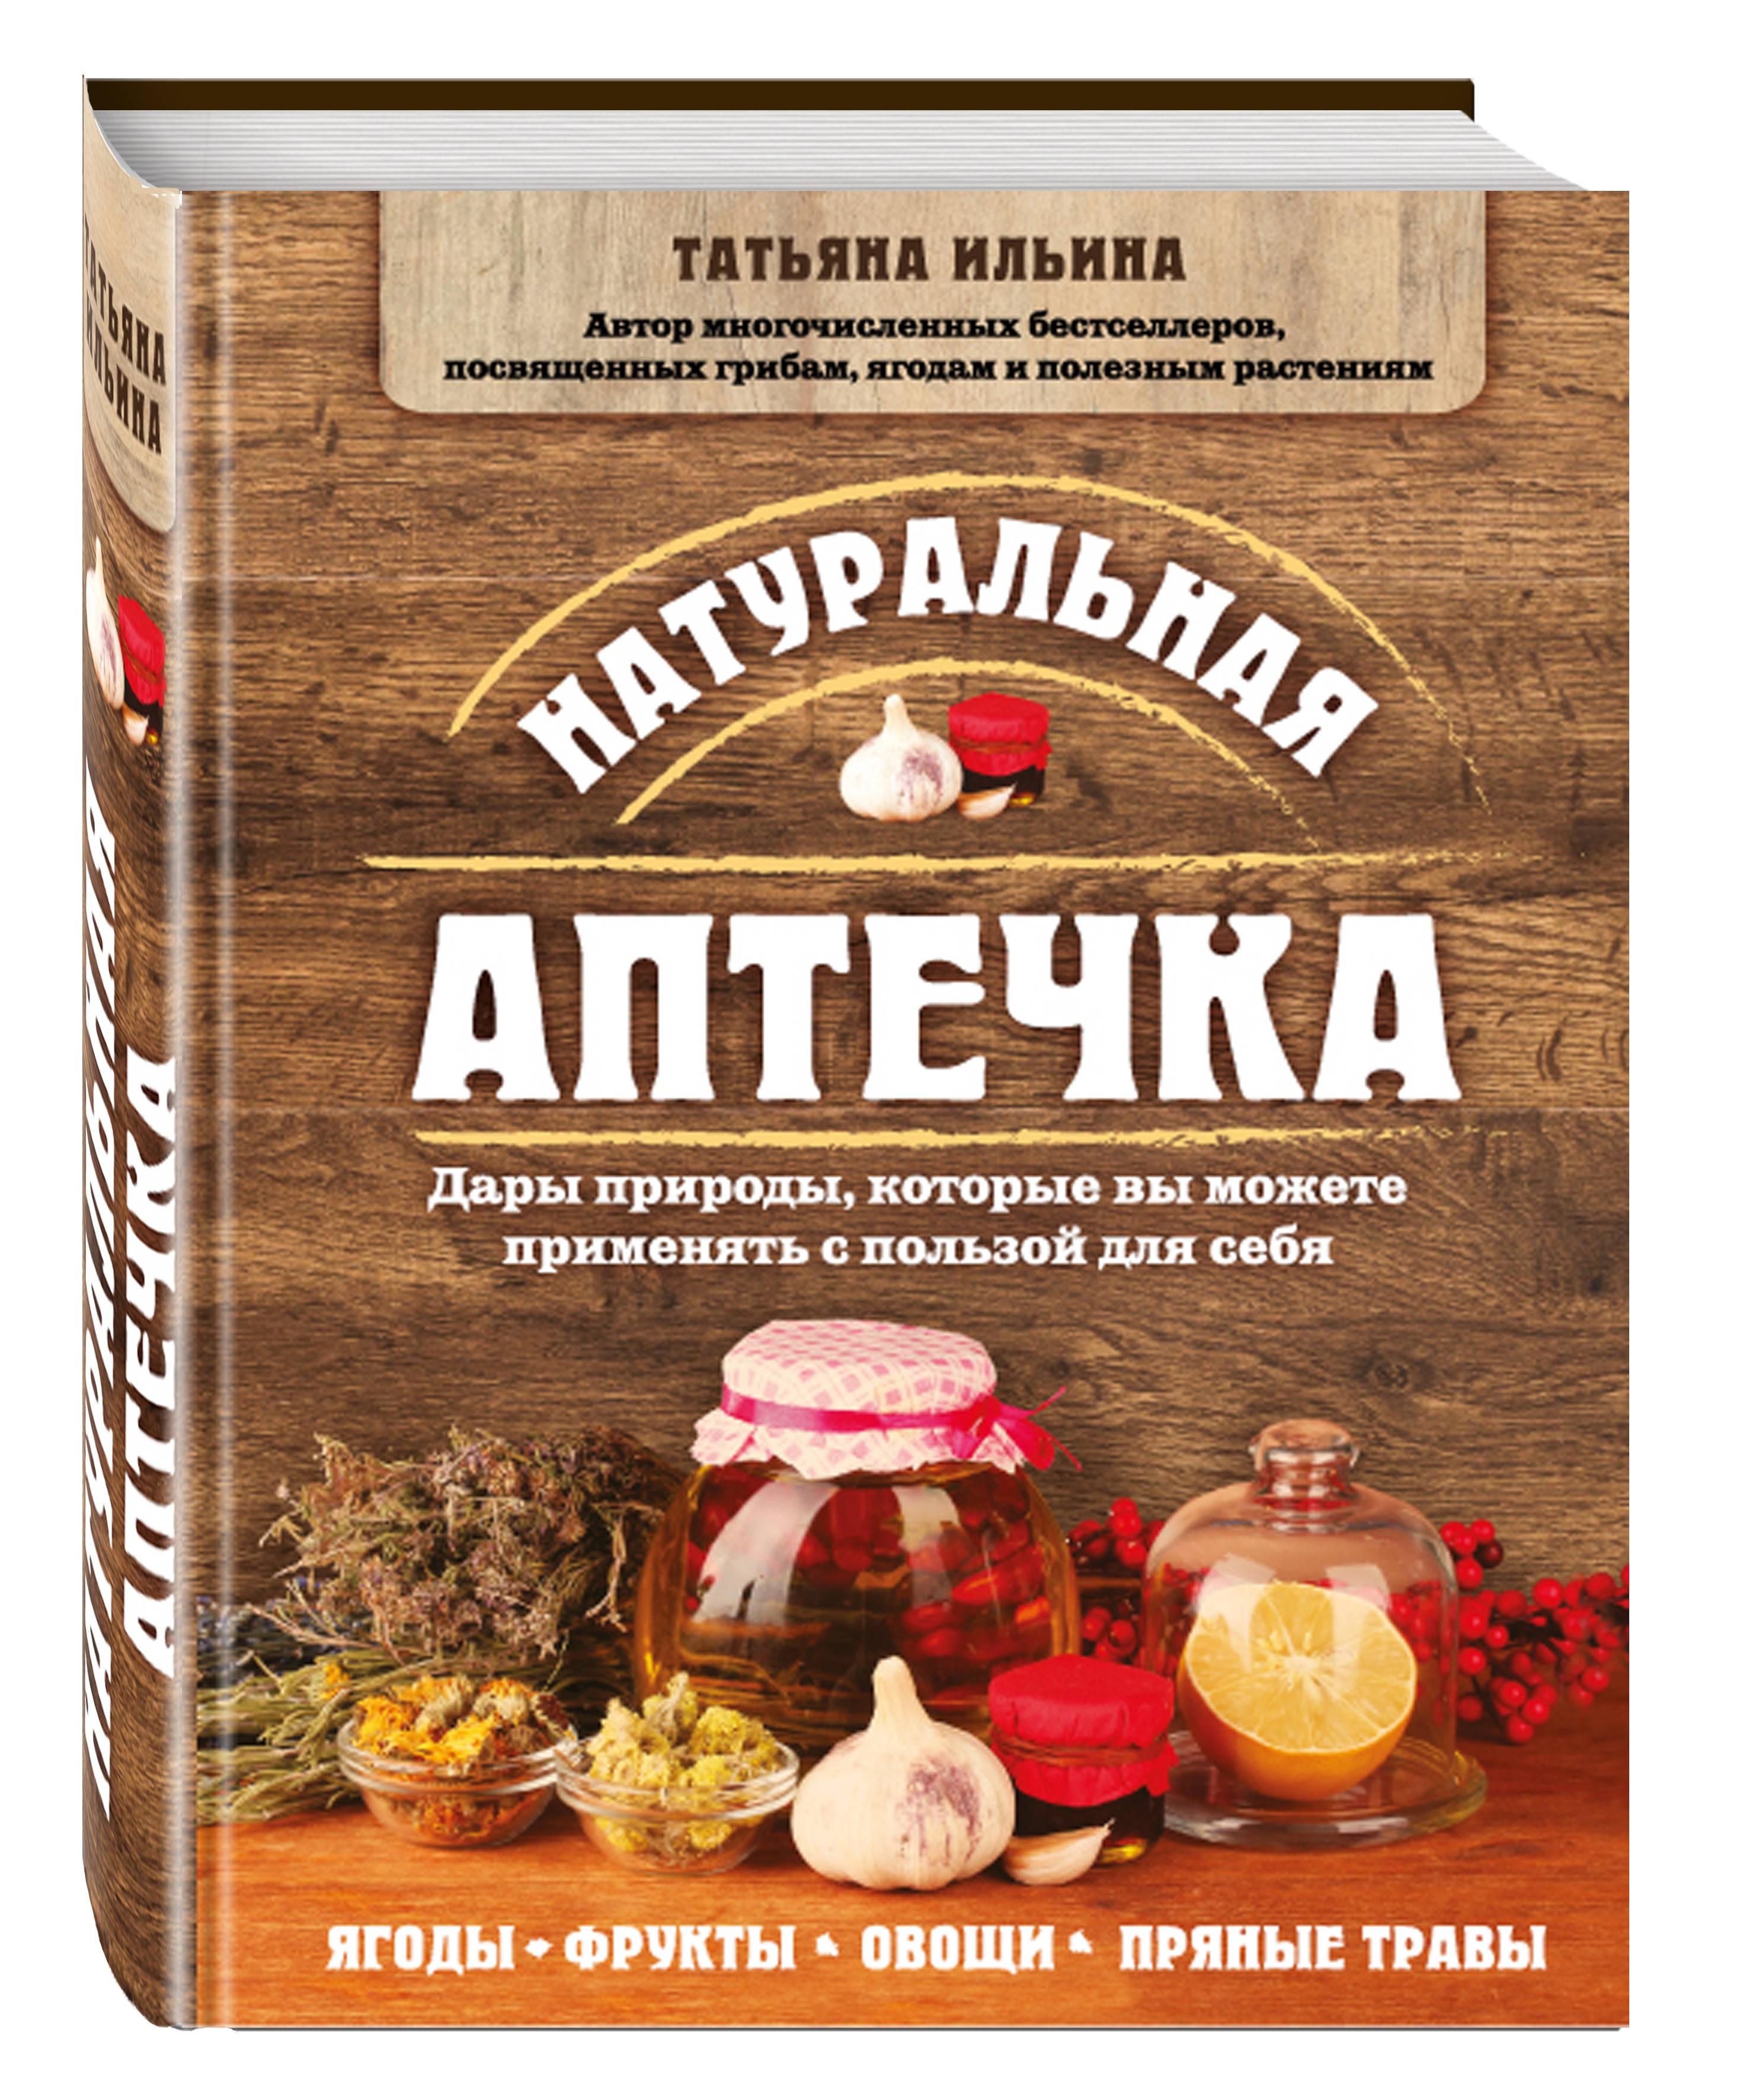 Татьяна Ильина Натуральная аптечка. Дары природы, которые вы можете применять с пользой для себя